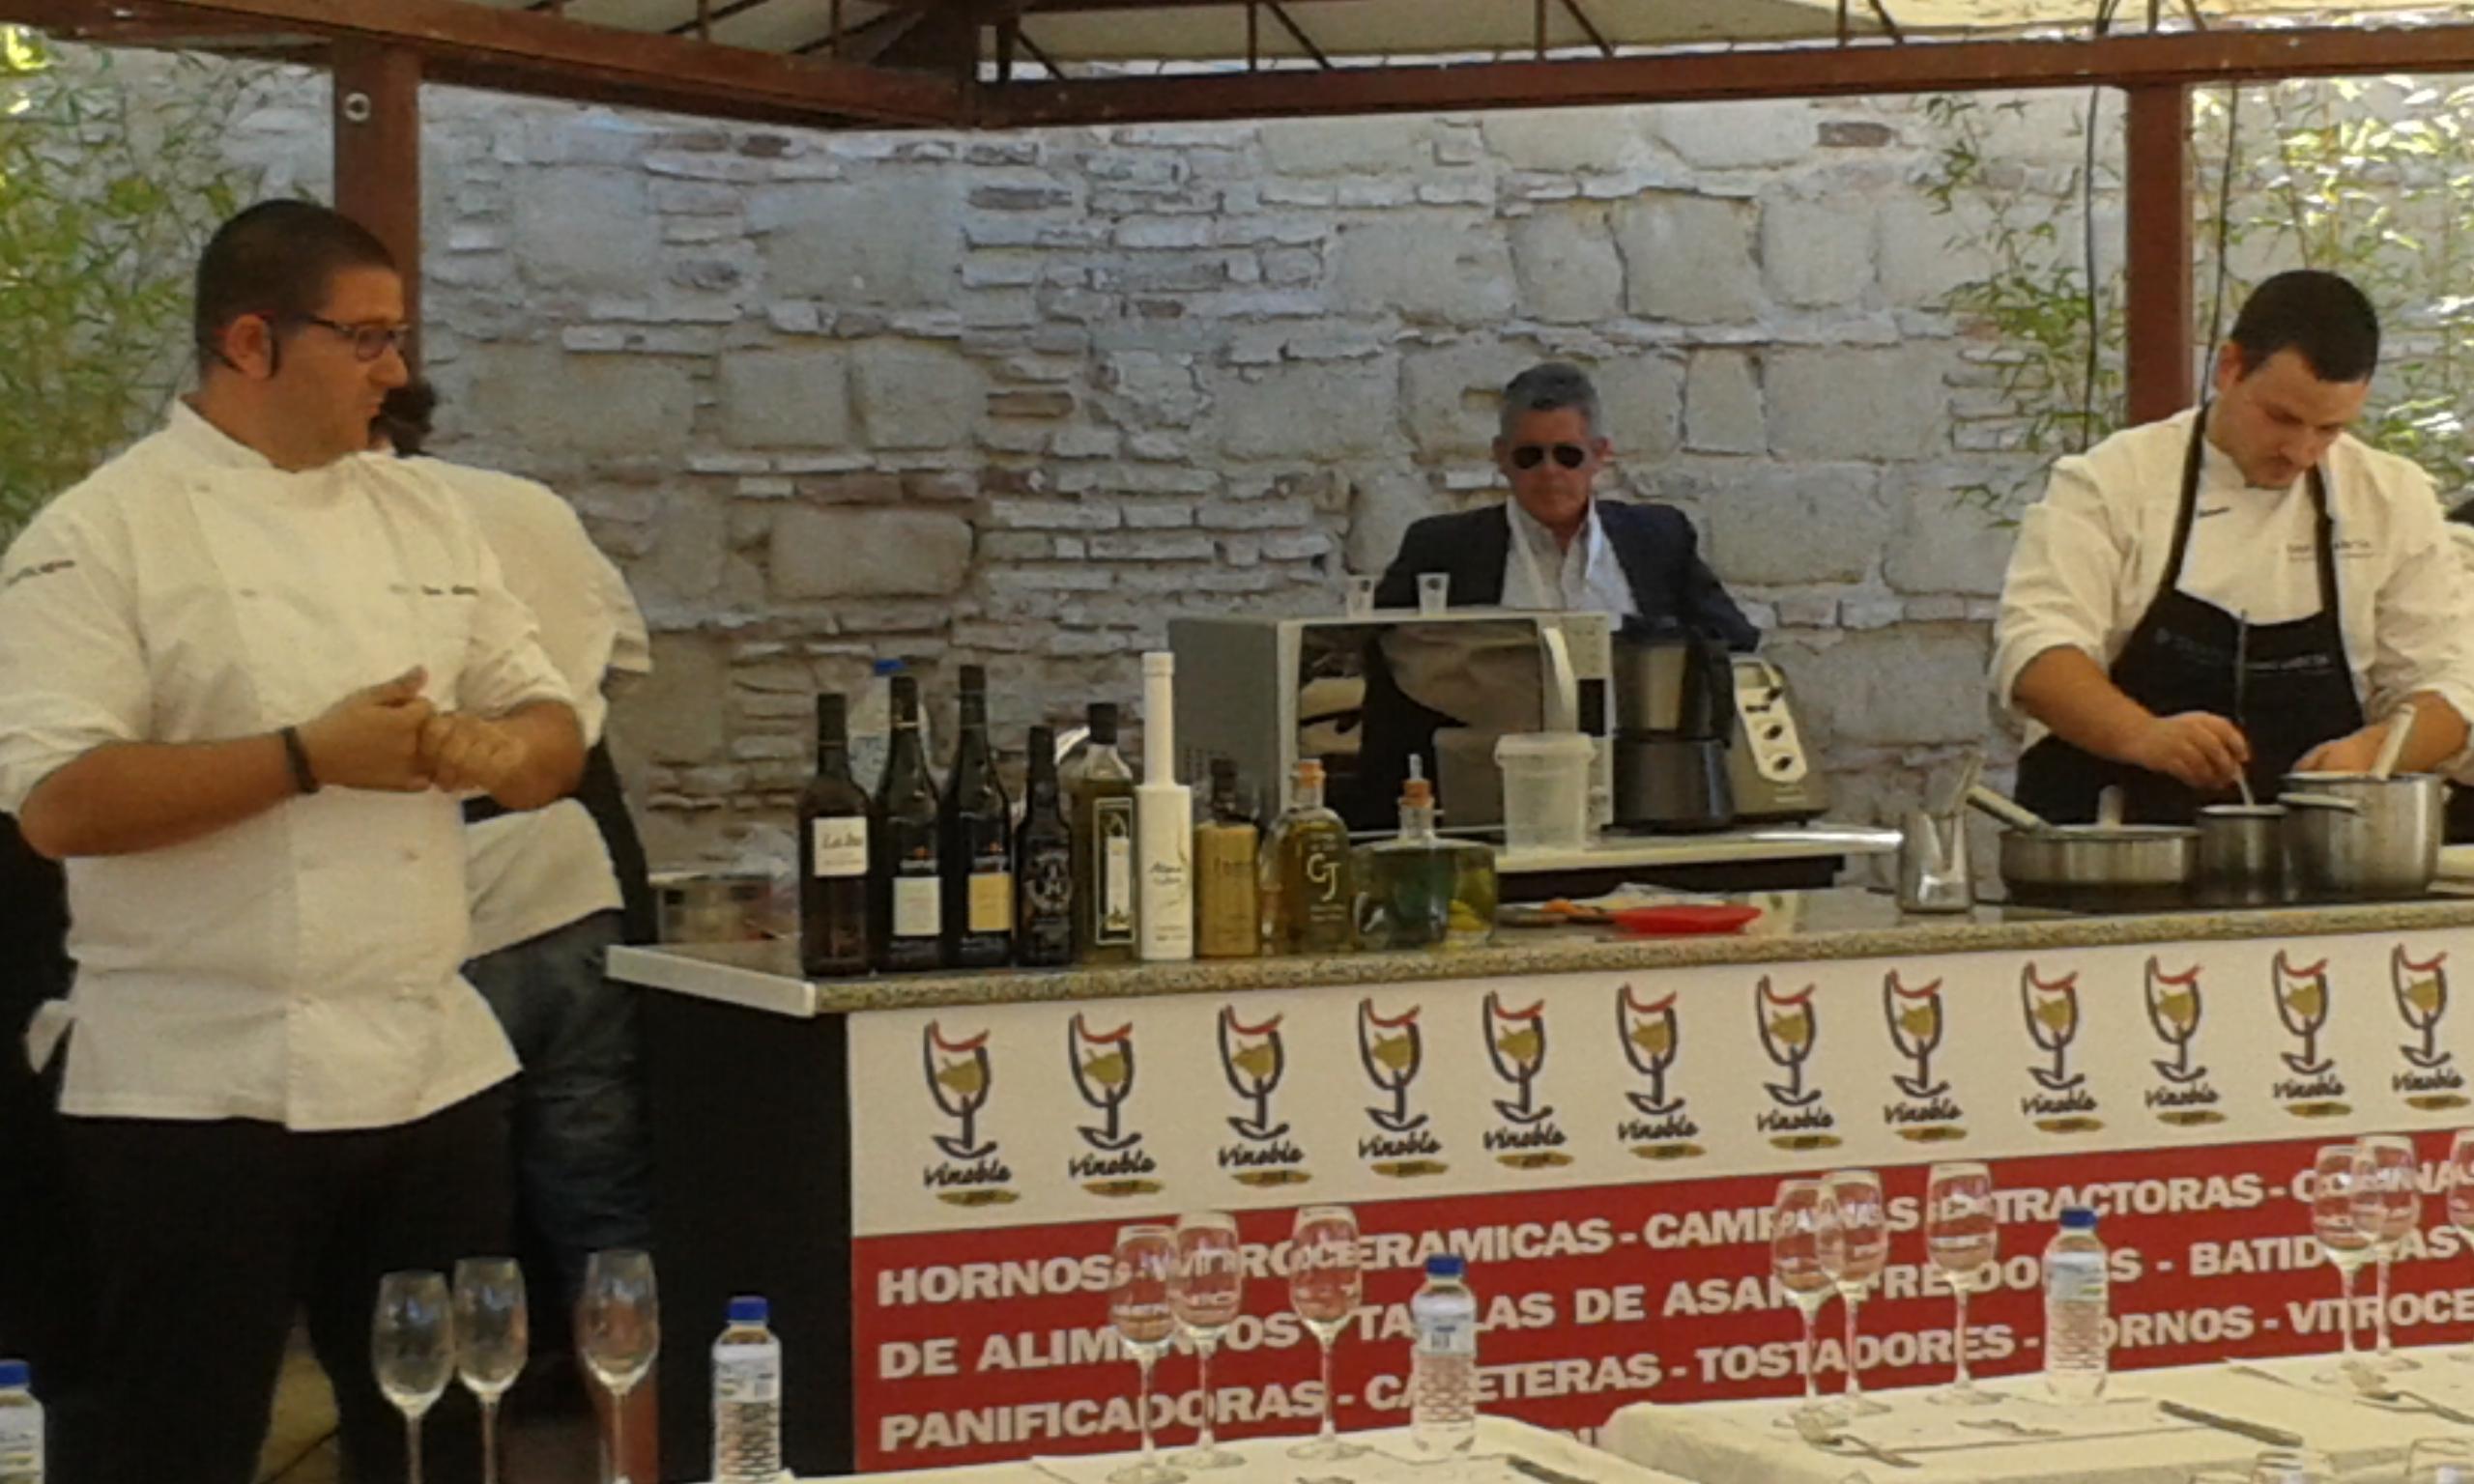 El gran cocinero Dani García mira con interés nuestro Aceite Virgen Extra Cortijo de Jara.